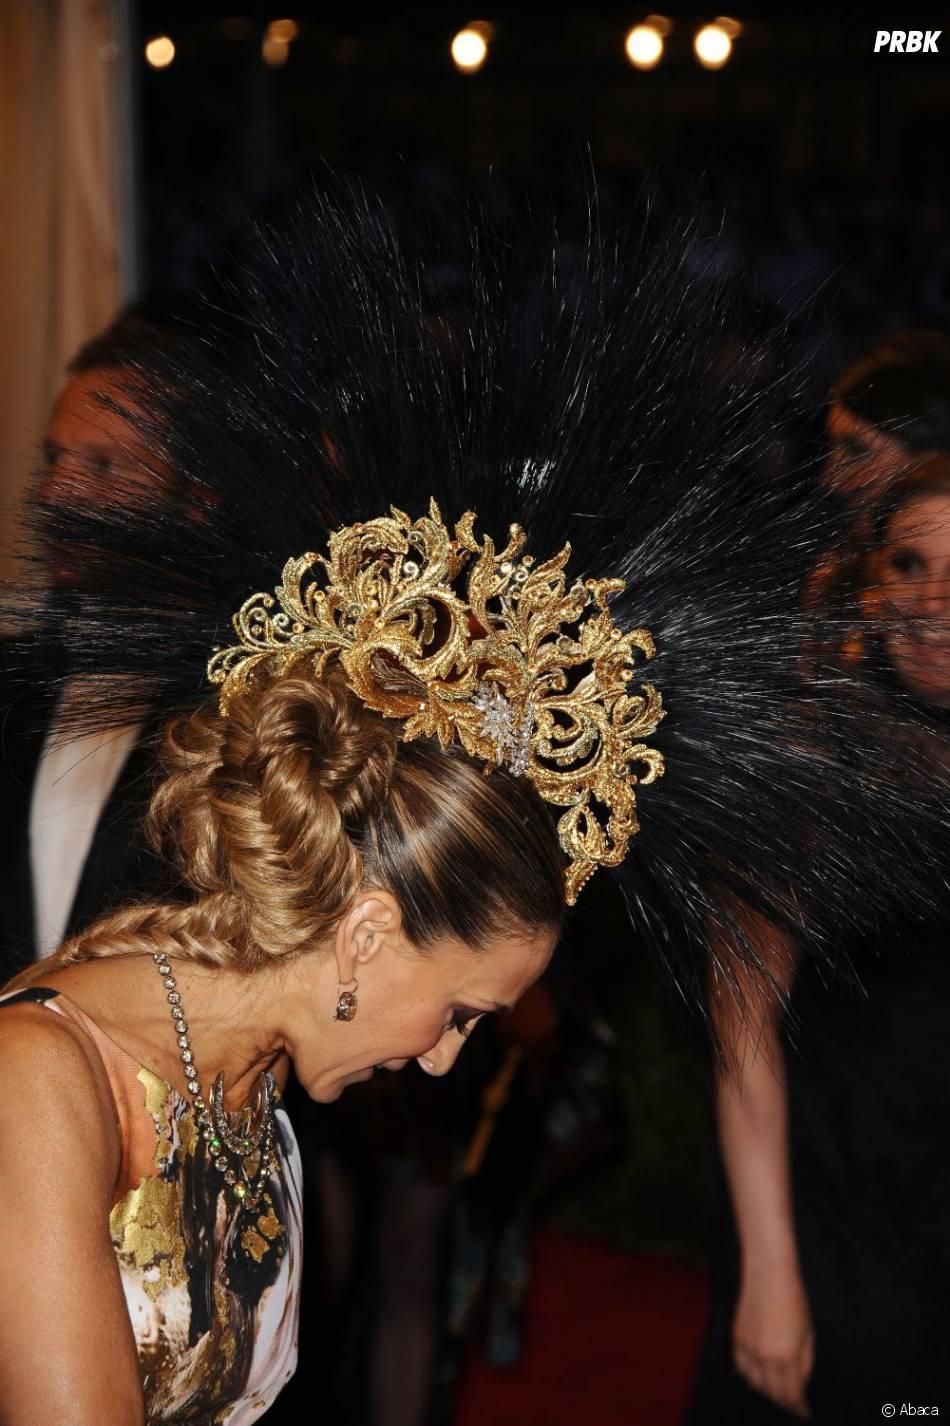 La coiffe de Sarah Jessica Parker a surpris au MET Ball 2013